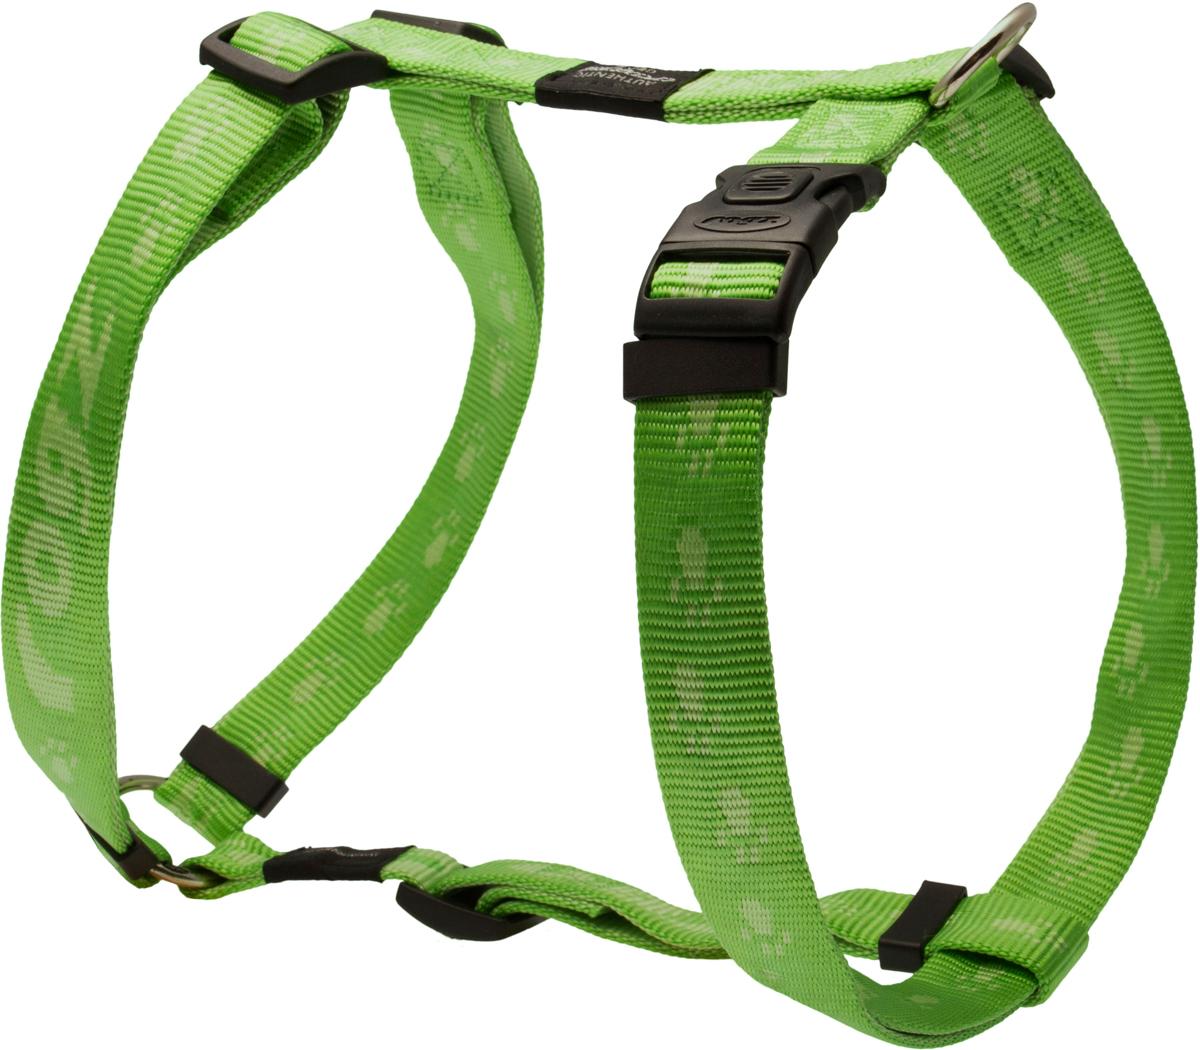 Шлейка для собак Rogz Alpinist, цвет: зеленый, ширина 2,5 см. Размер XLSJ27GОсобо мягкая, но очень прочная шлейка для собак Rogz Alpinist обеспечит безопасность на прогулке даже самым активным собакам.Все соединения деталей имеют специальную дополнительную строчку для большей прочности.Специальная конструкция пряжки Rog Loc - очень крепкая (система Fort Knox). Замок может быть расстегнут только рукой человека. Технология распределения нагрузки позволяет снизить нагрузку на пряжки, изготовленные из титанового пластика, с помощью правильного и разумного расположения грузовых колец, благодаря чему, даже при самых сильных рывках, изделие не рвется и не деформируется.Выполненные специально по заказу Rogz литые кольца гальванически хромированы, что позволяет избежать коррозии и потускнения изделия.